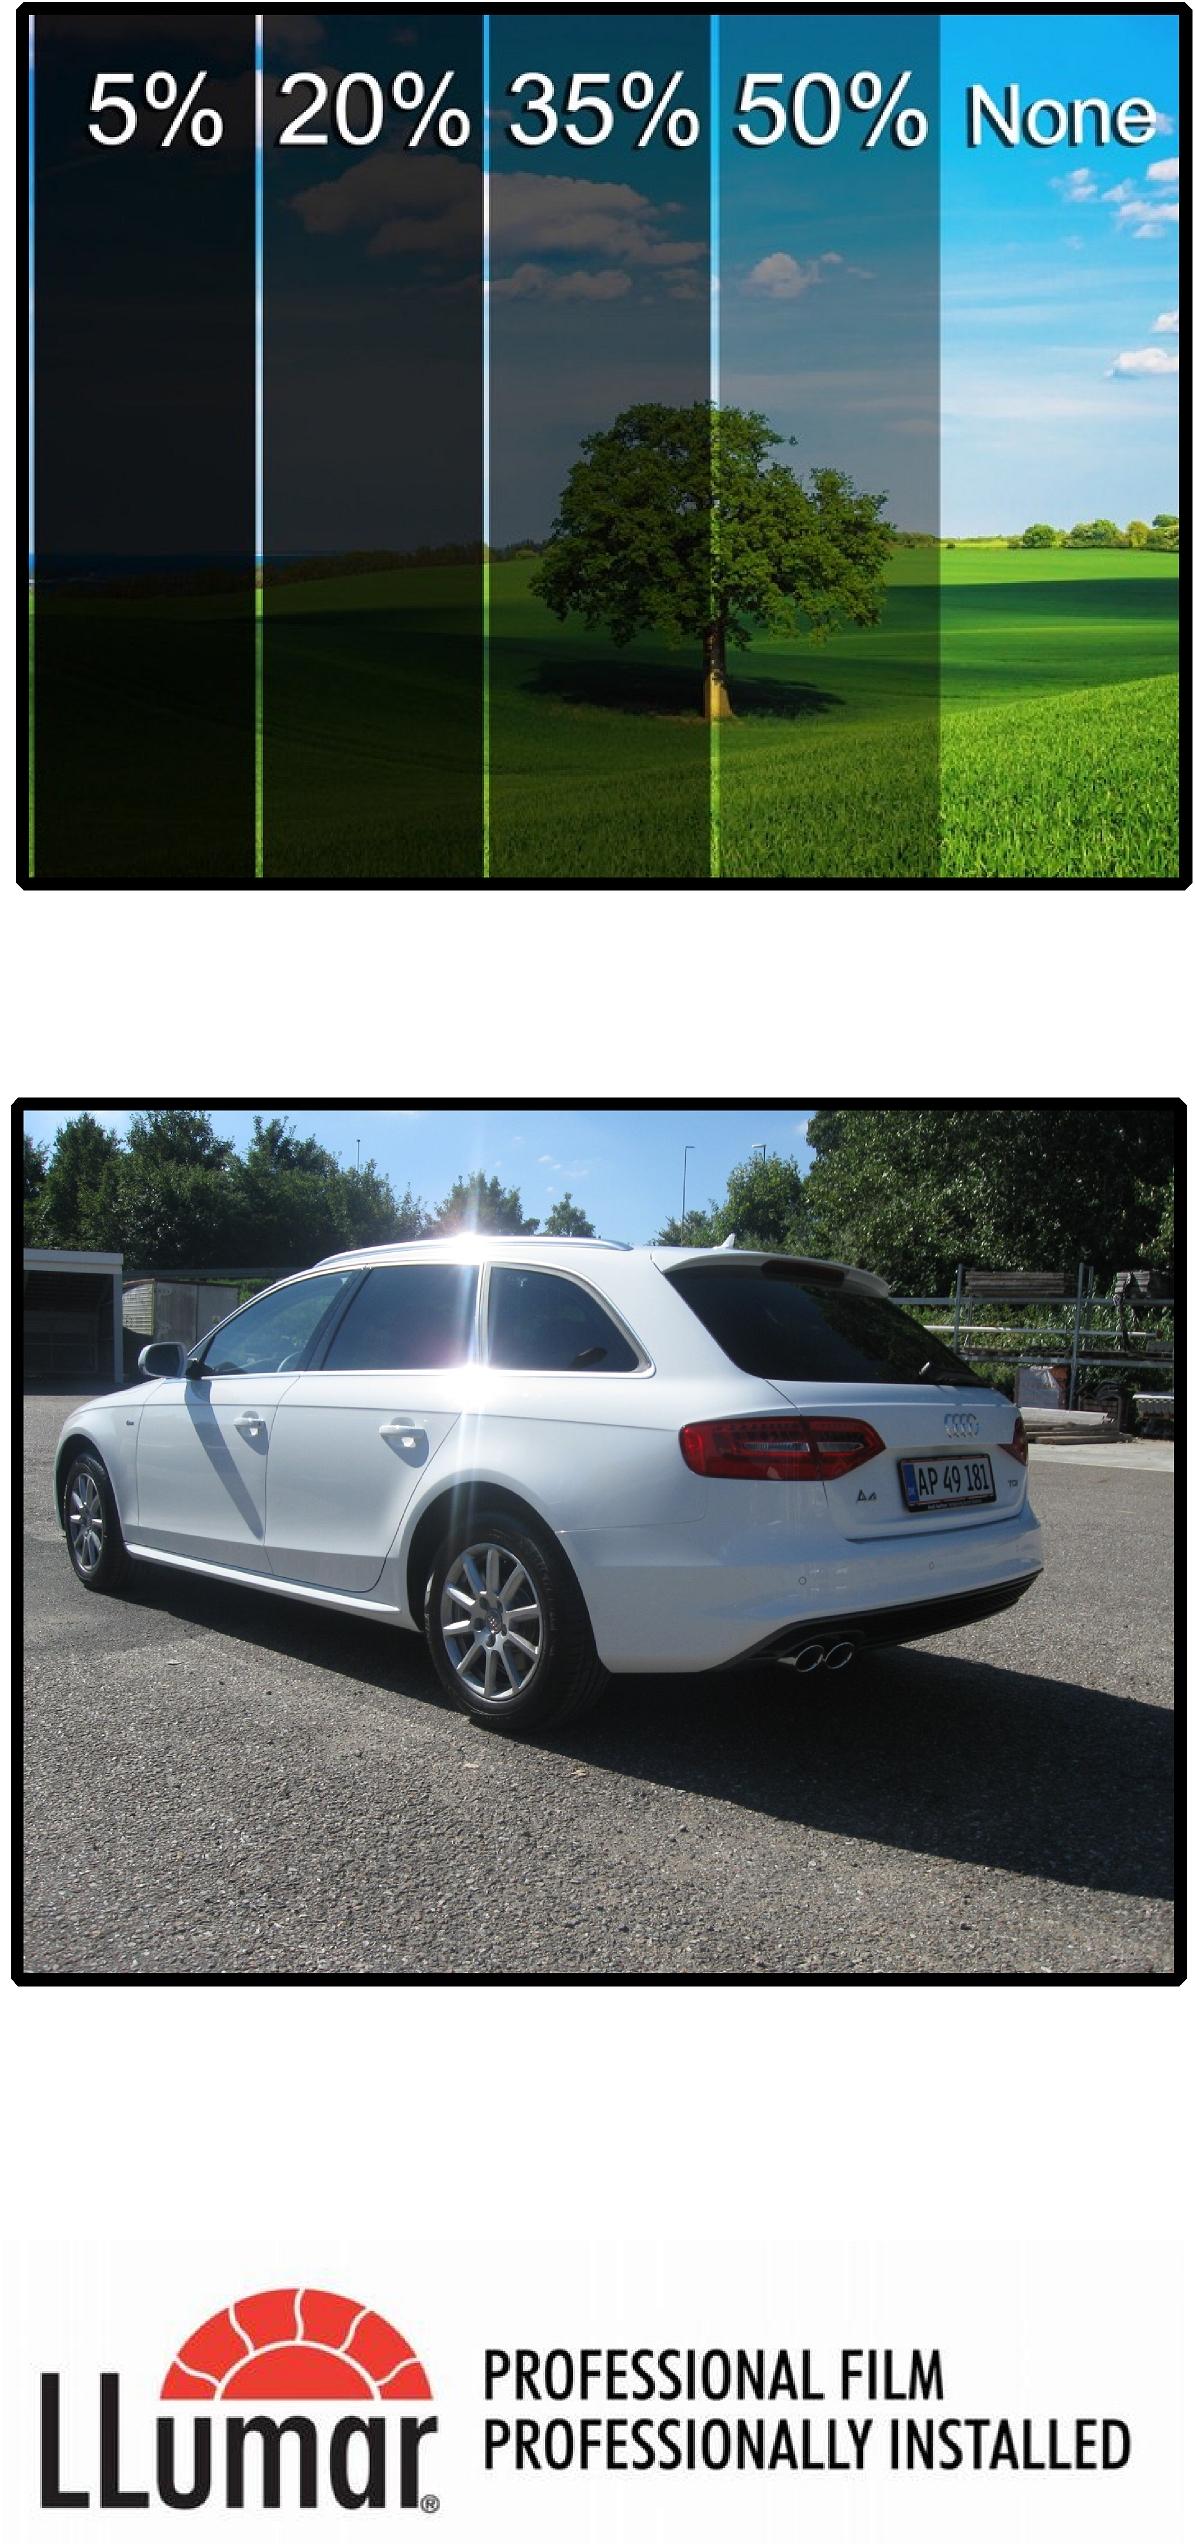 Solfilm | biler | bygninger | Tonede ruder | Certificeret solfilms montør | Randers | Aarhus | Djursland | Østjylland | Midtjylland | Nordjylland Skilte Design Randers